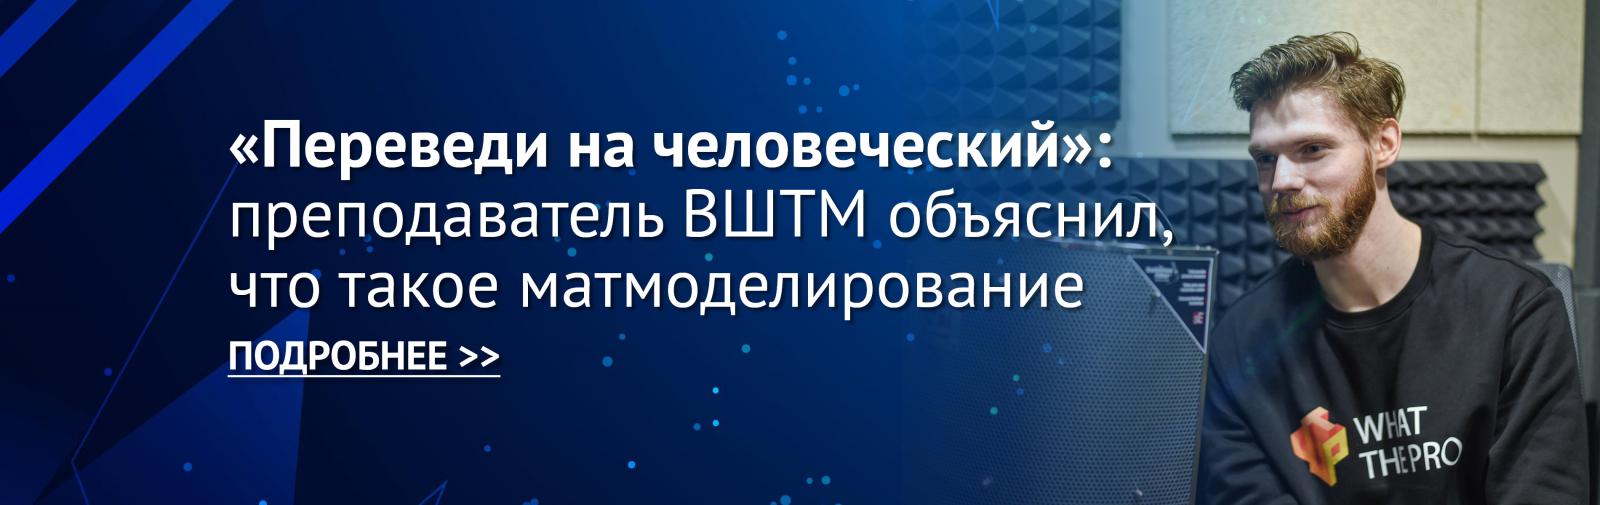 Подкаст_Калюжнюк